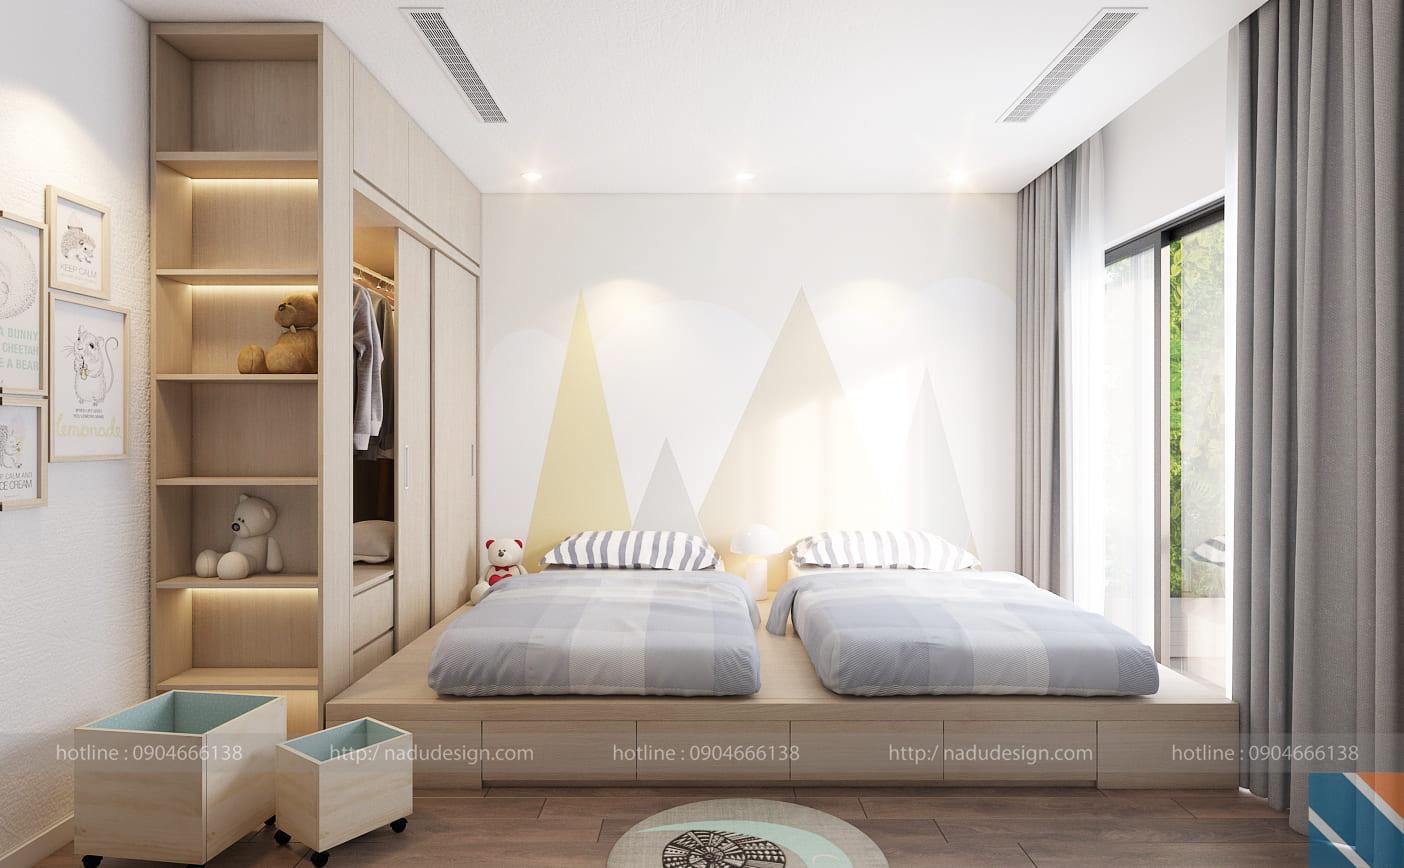 Mẫu thiết kế nội thất phòng ngủ 2 giường